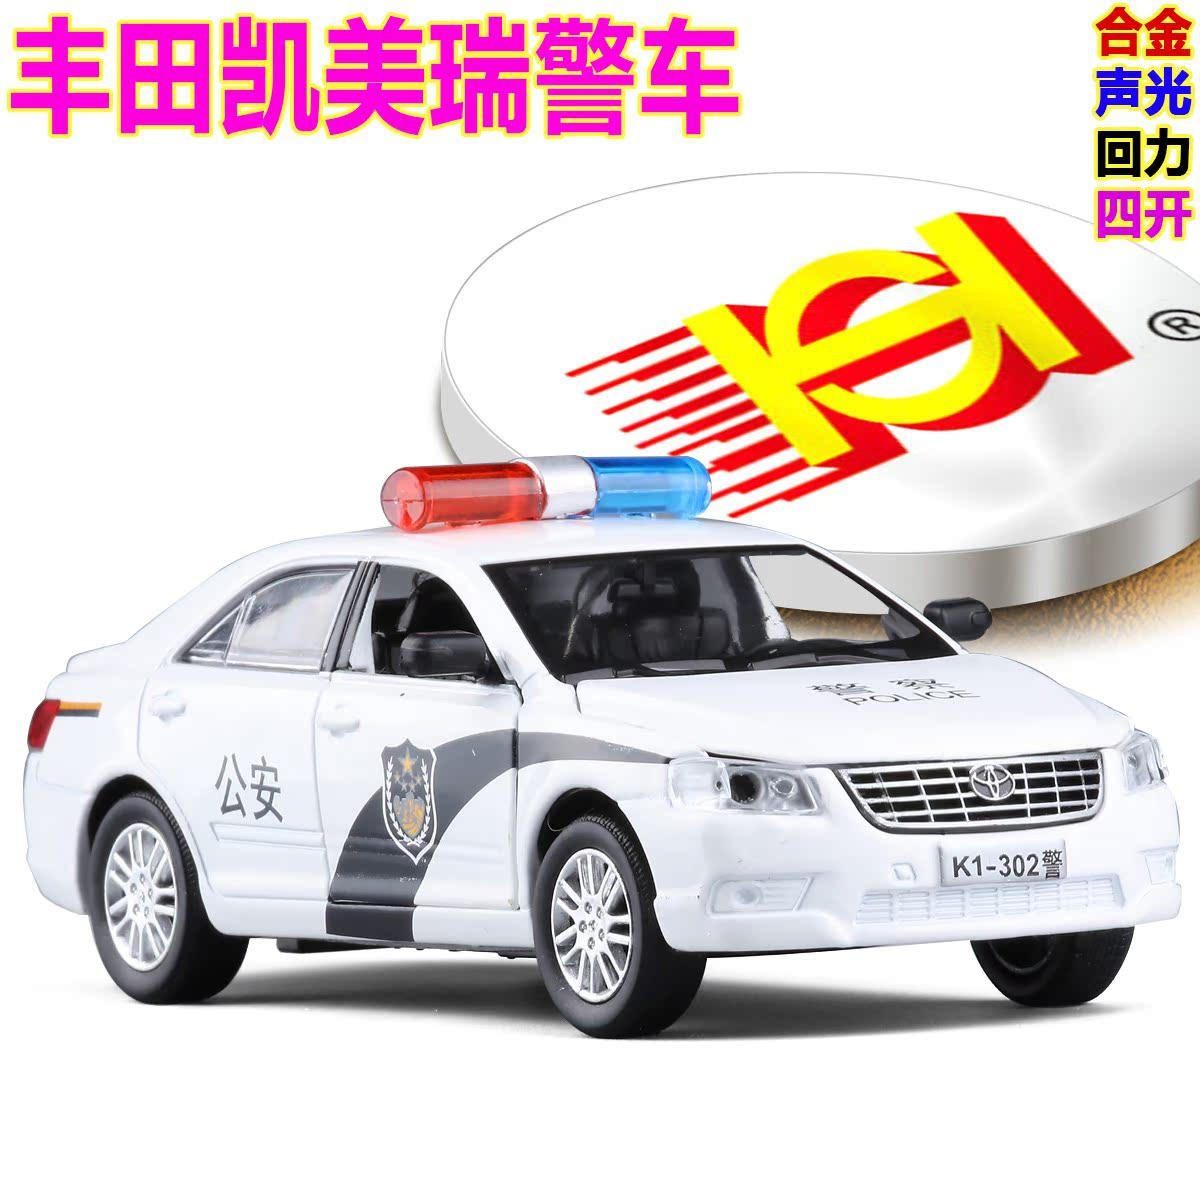 仿真金属110警车模型丰田凯美瑞 回力四开门汽车合金警车声光玩具